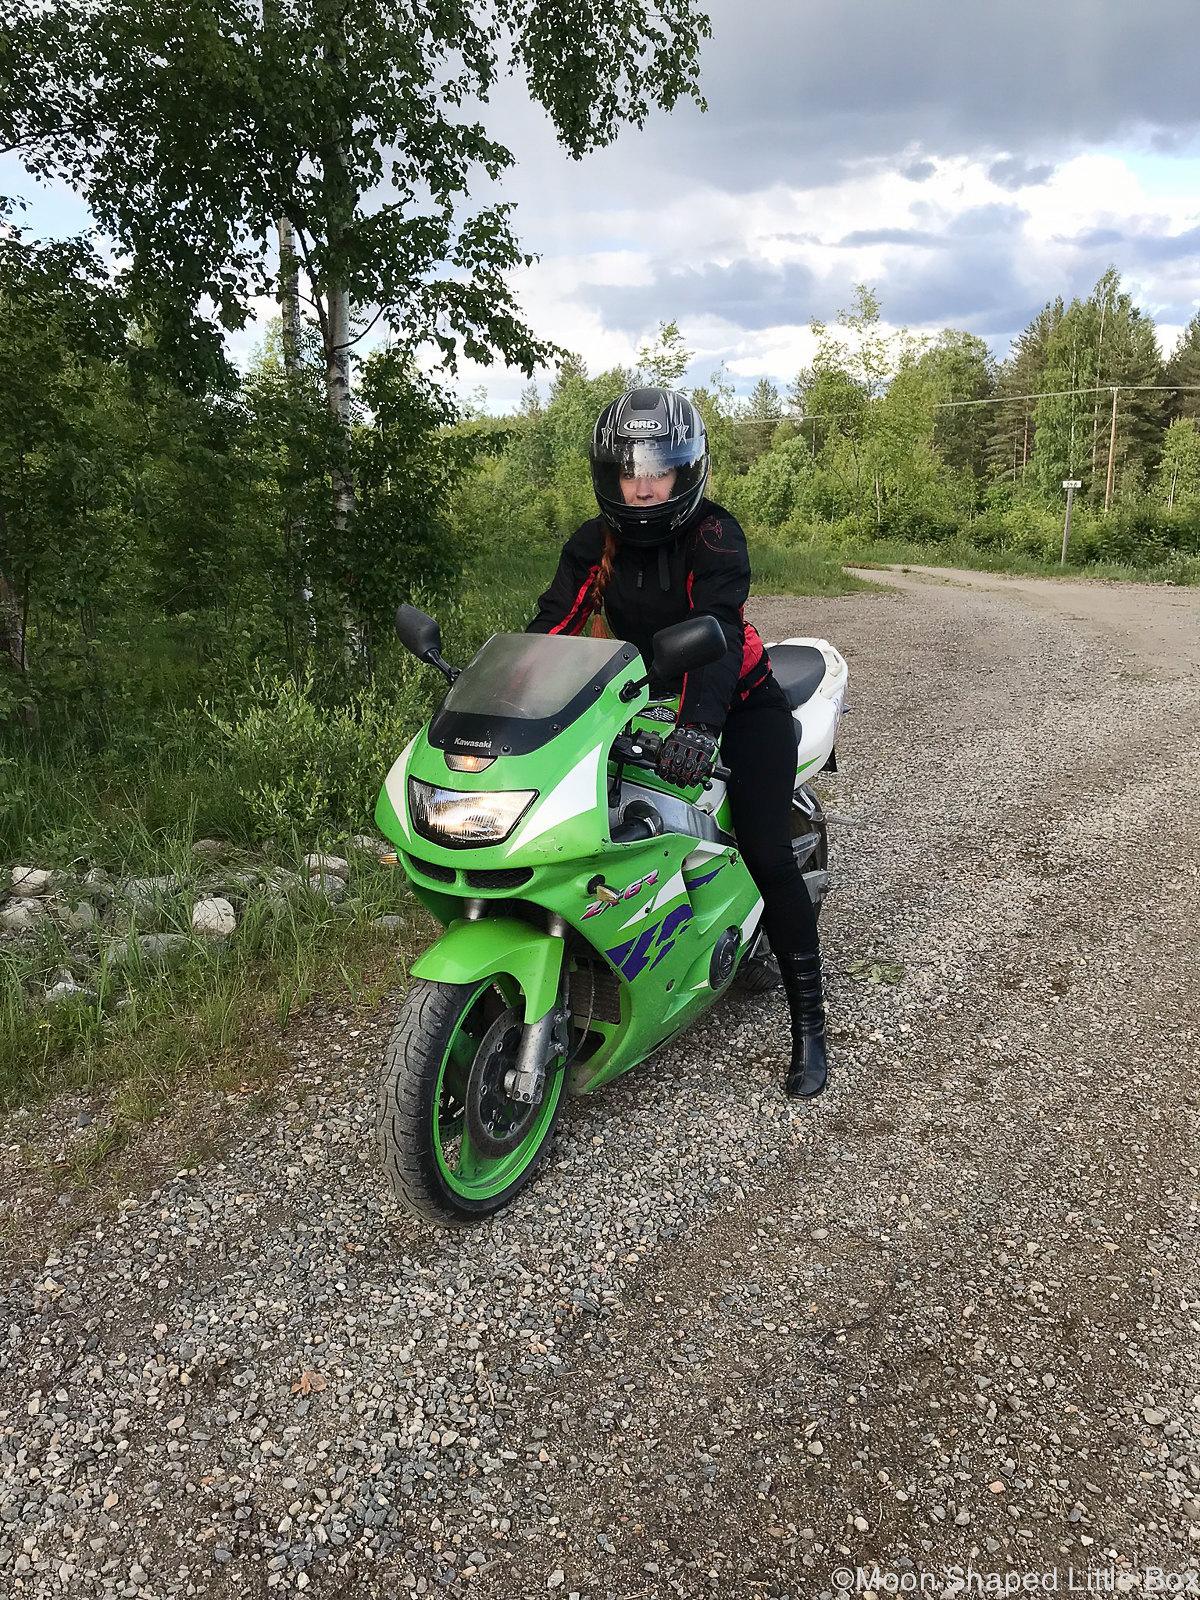 Moottoripyoraily_bikers